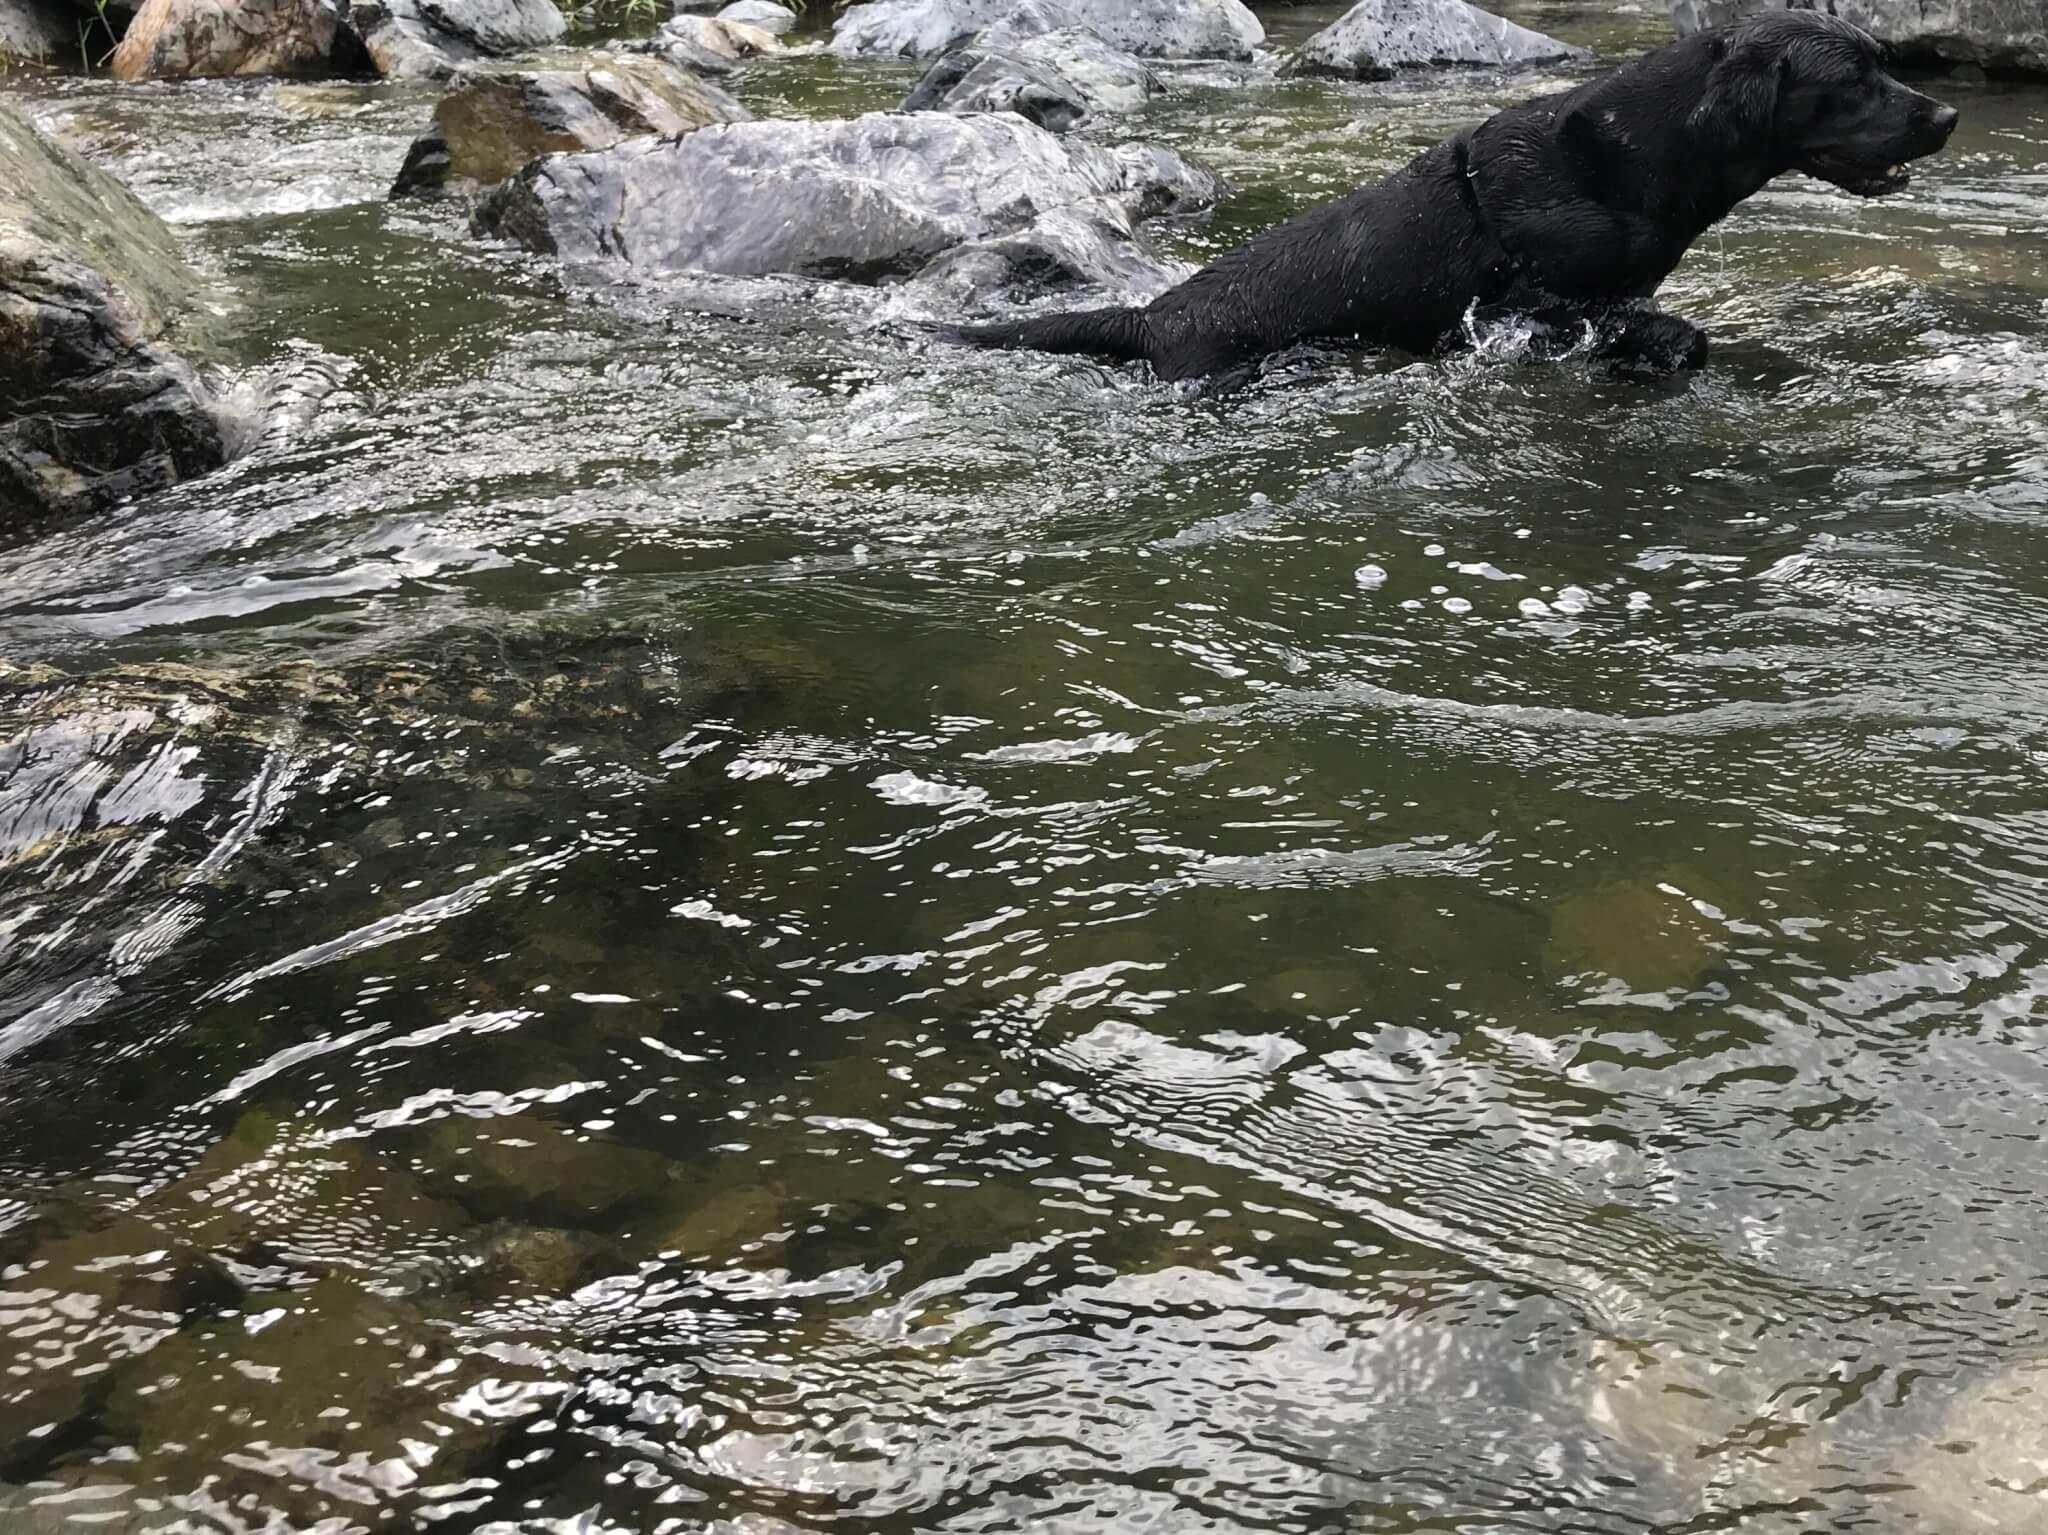 摂津峡公園 犬 川遊び 芥川 ラブラドールレトリバー